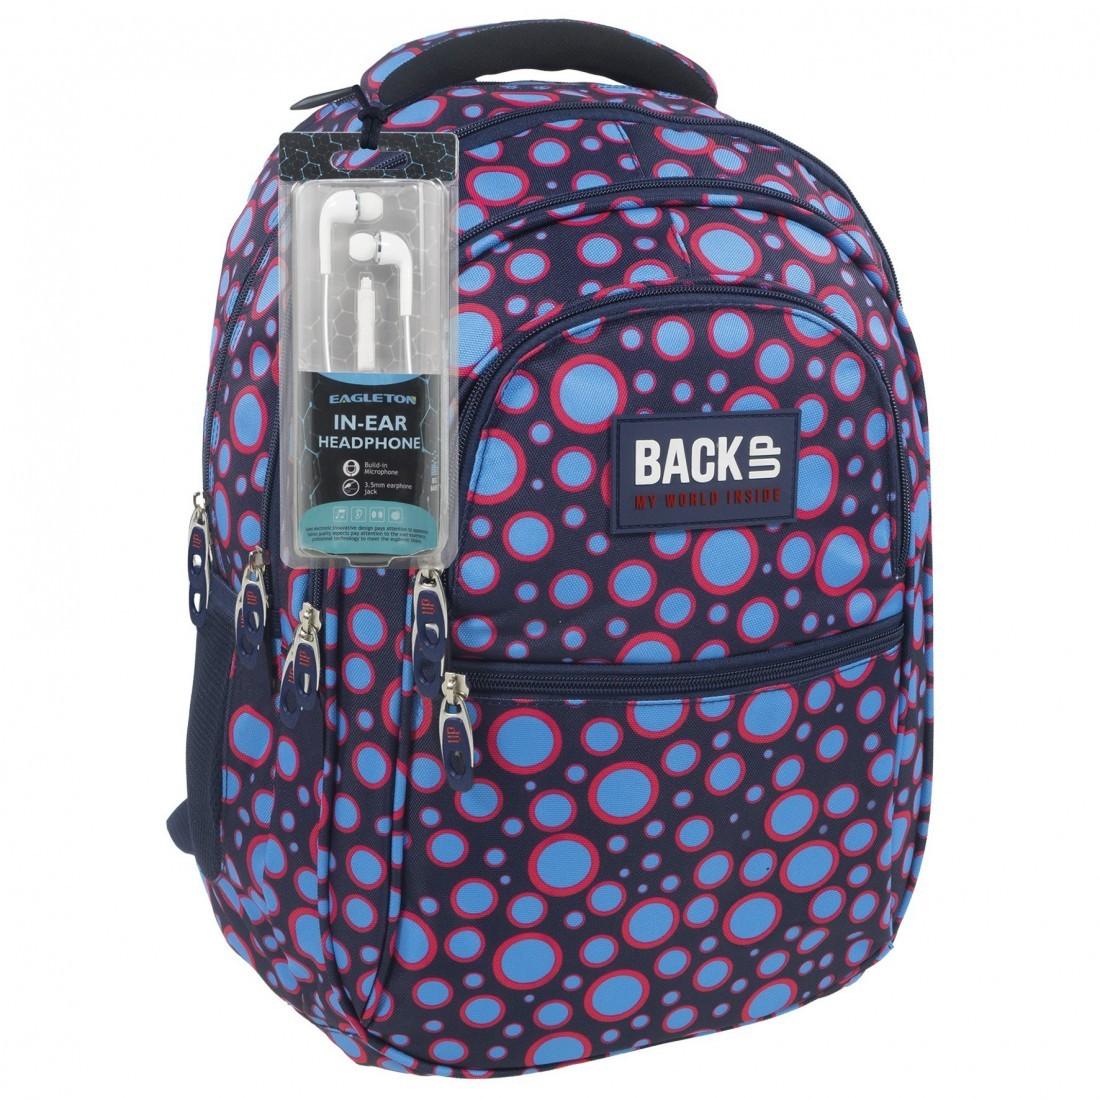 e9b499cbd8f58 Plecak szkolny 4 przegrody dla młodzieży kropki + słuchawki - BackUP B 6